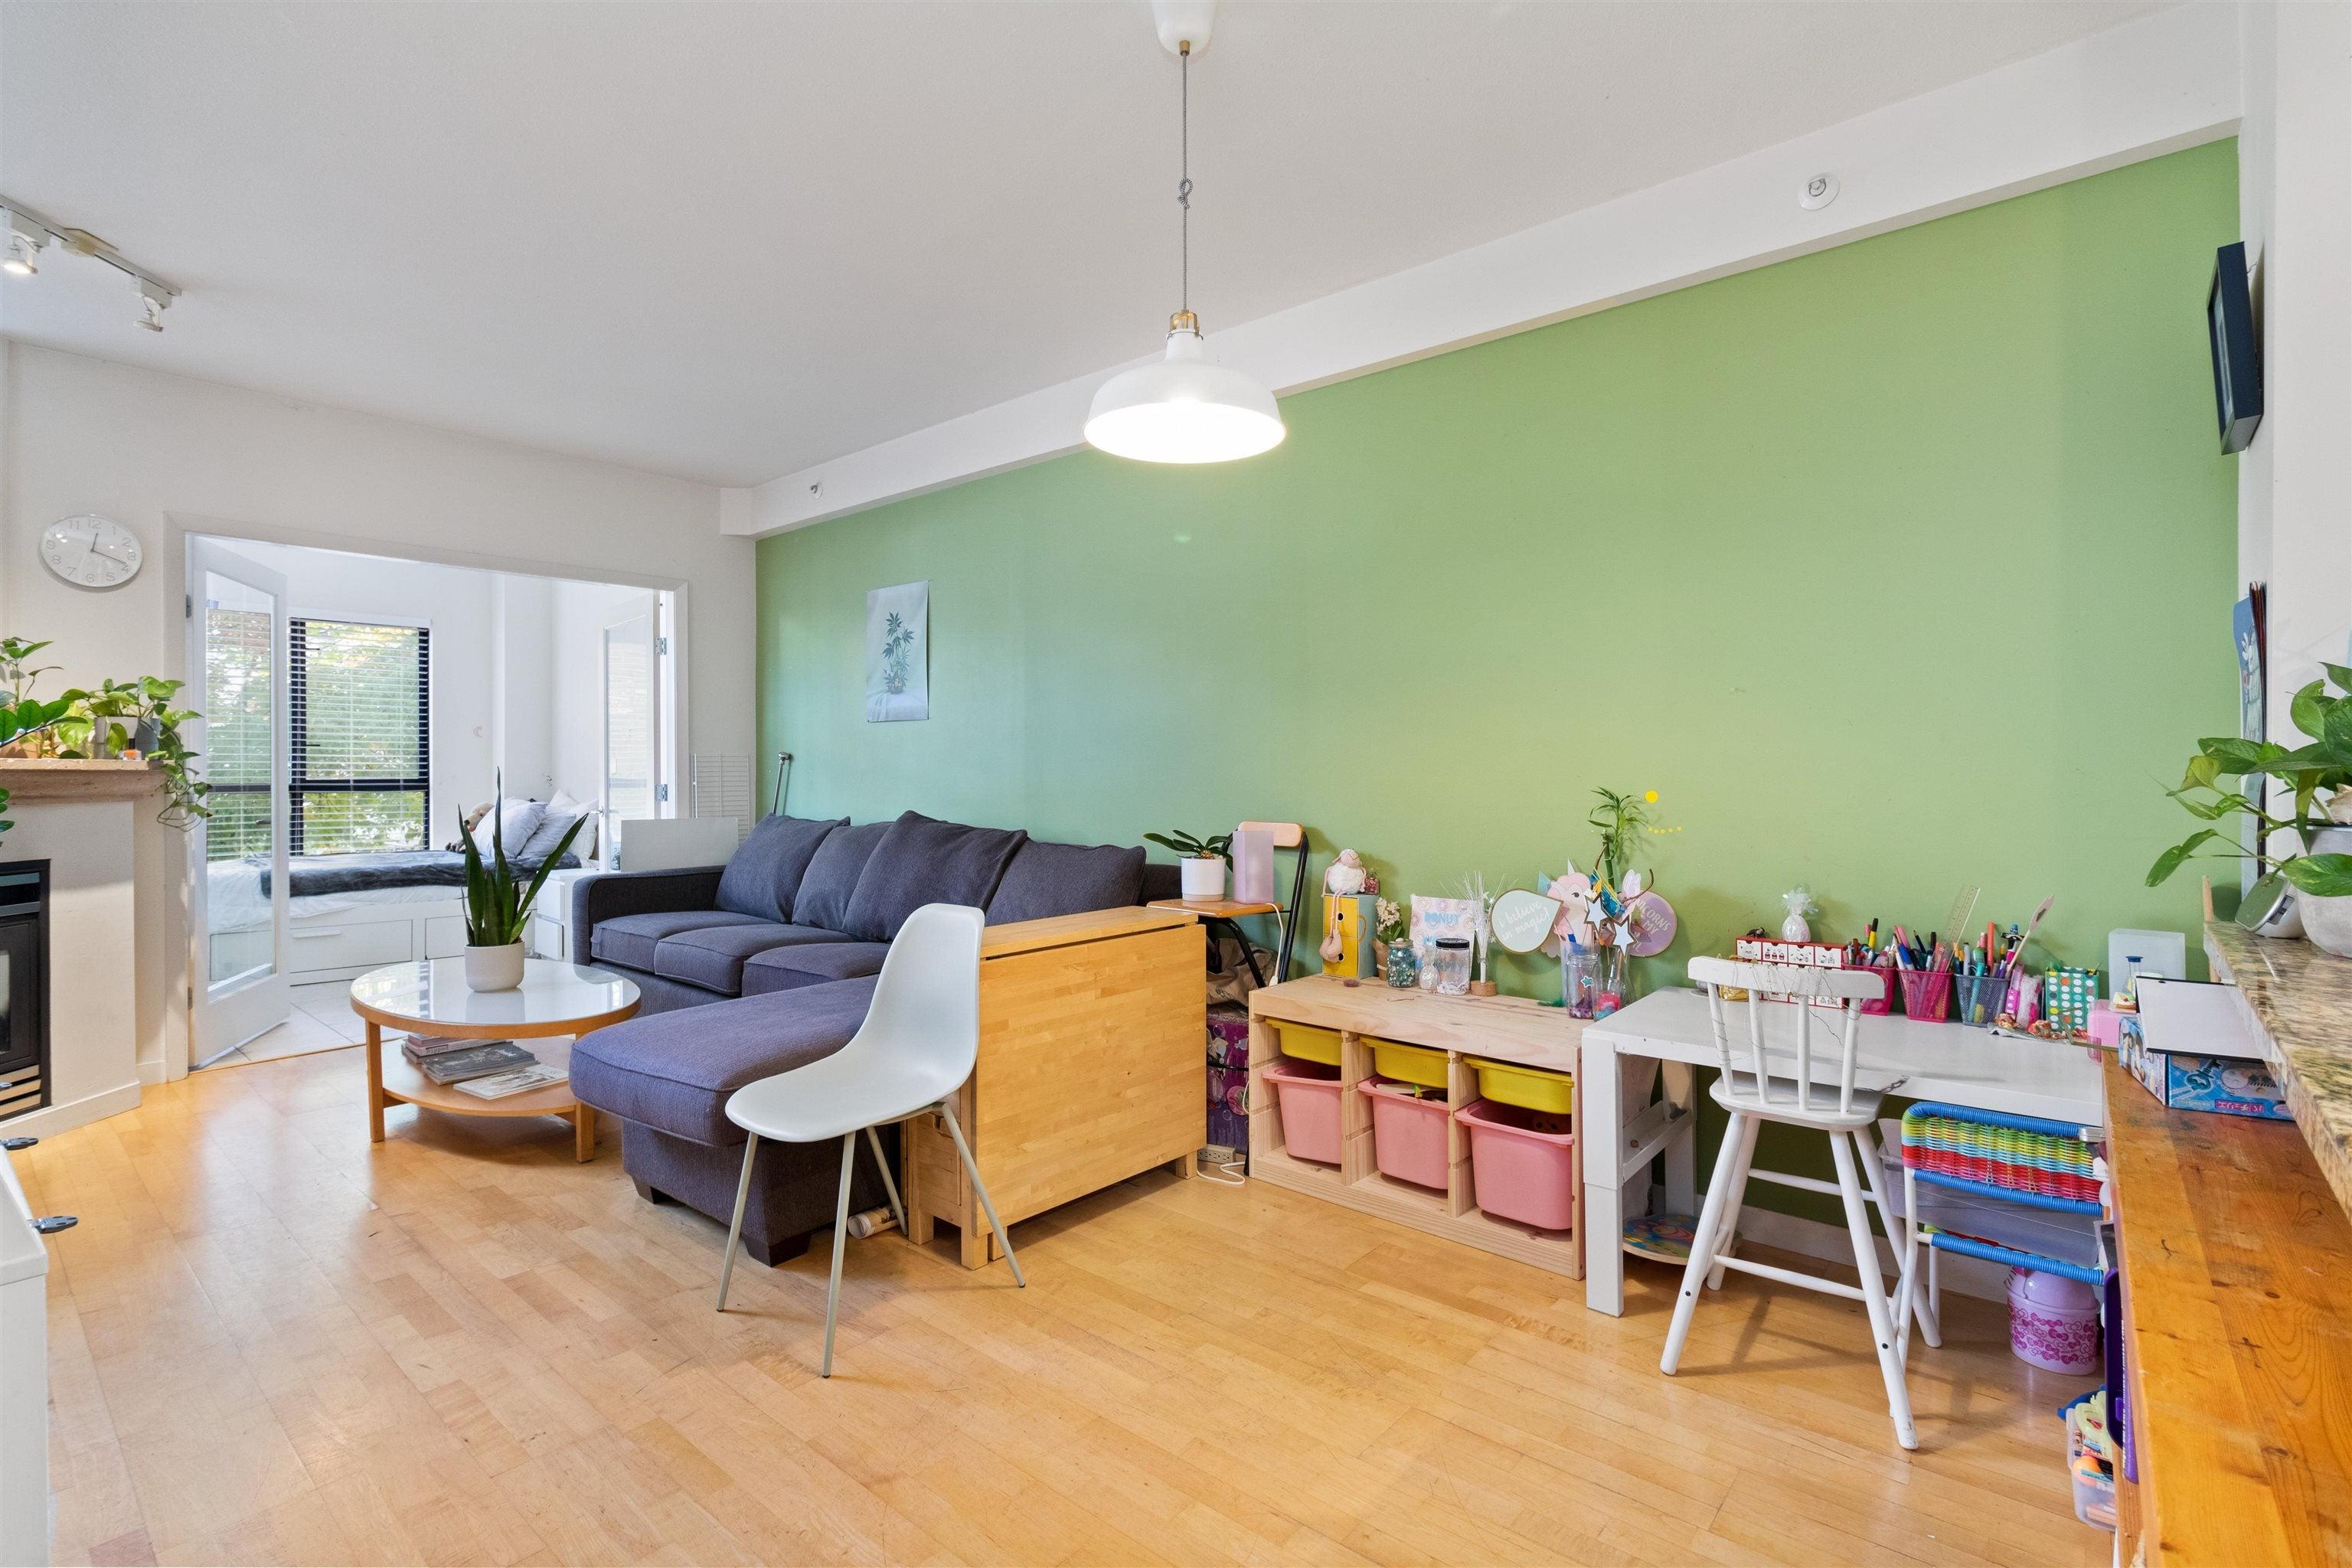 209 2228 MARSTRAND AVENUE - Kitsilano Apartment/Condo for sale, 1 Bedroom (R2617246) - #3